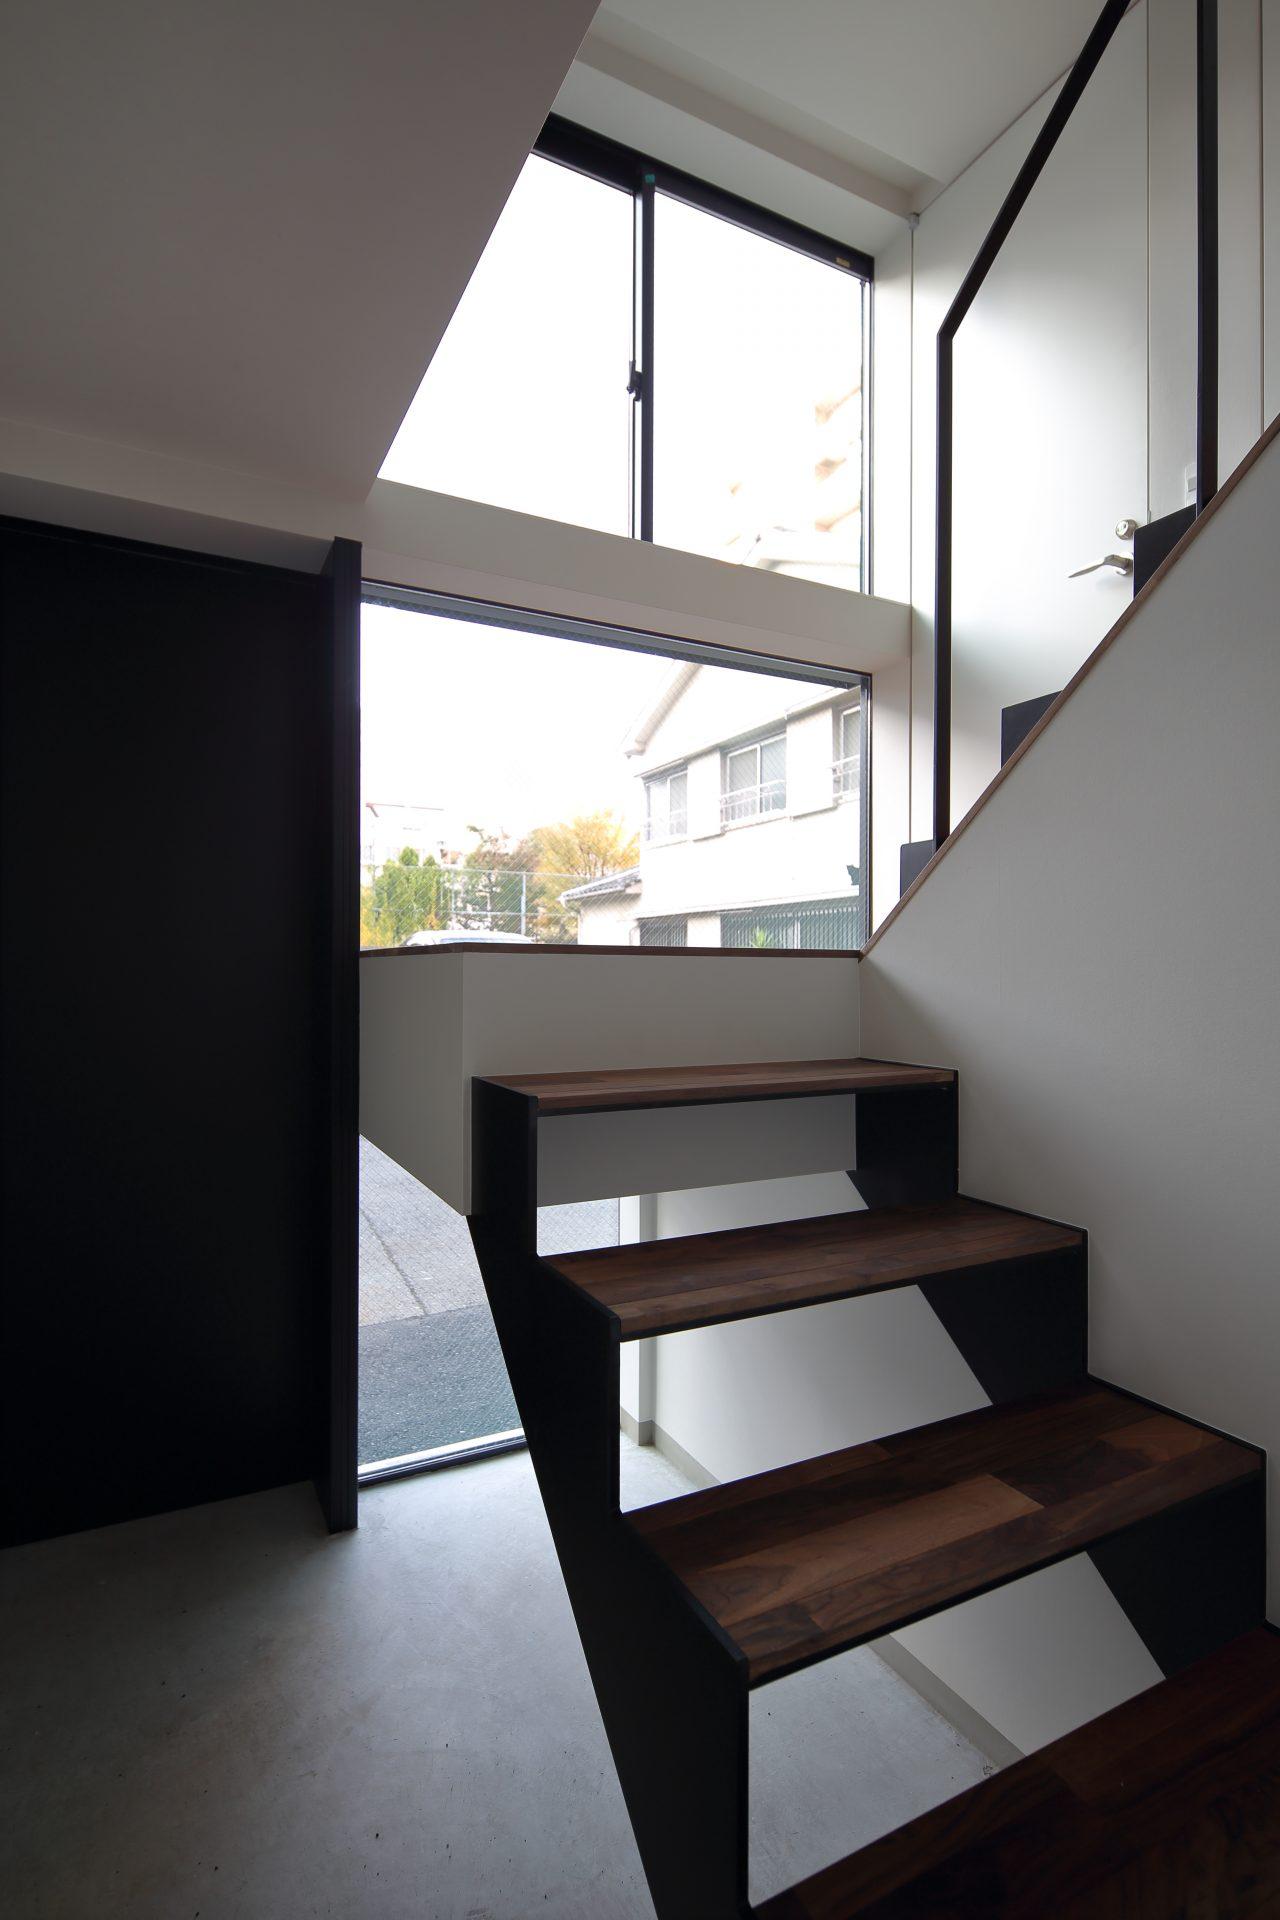 大阪上本町の小さな家の階段01